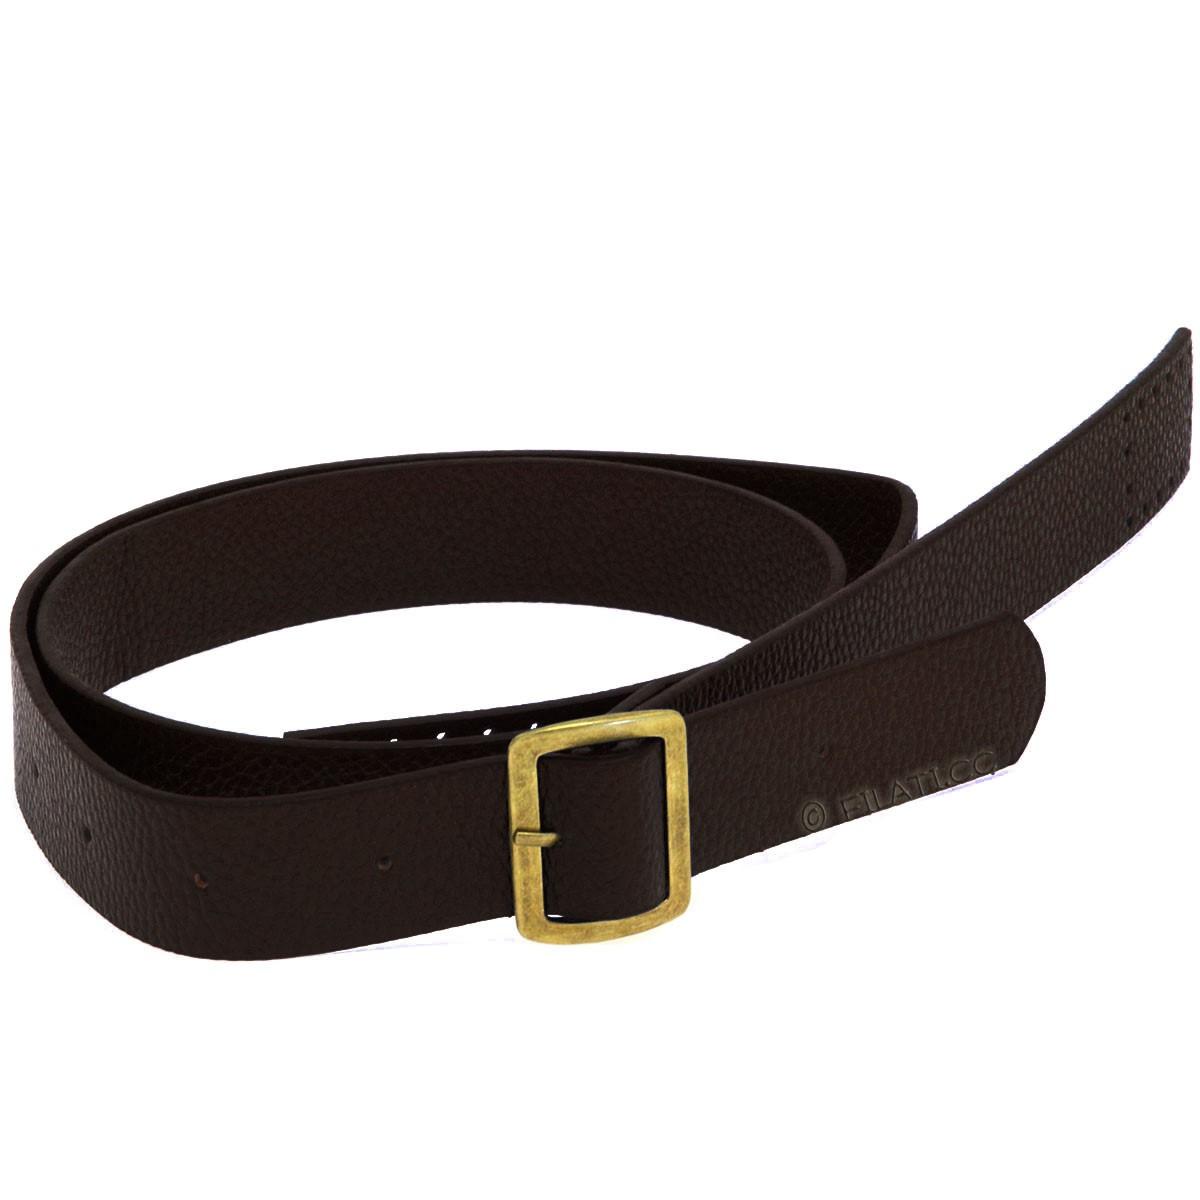 Maniglia borsa Lilly   615237-marrone scuro